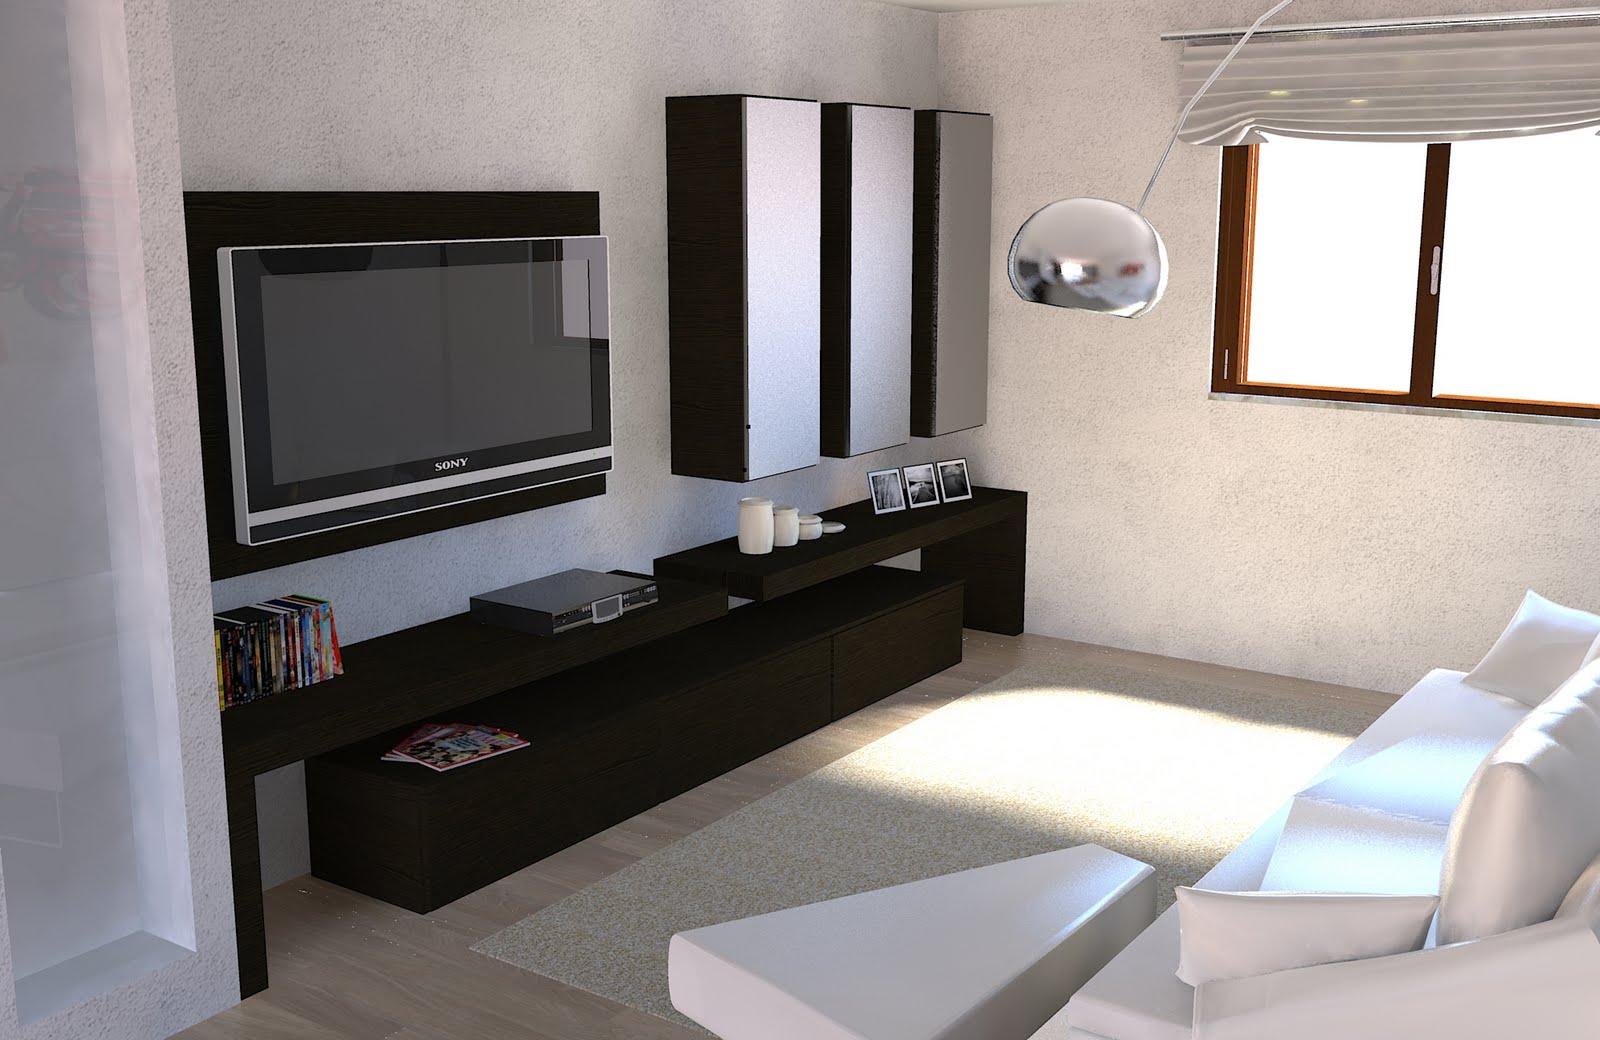 Arredamenti diotti a f il blog su mobili ed arredamento for Progettazione mobili 3d